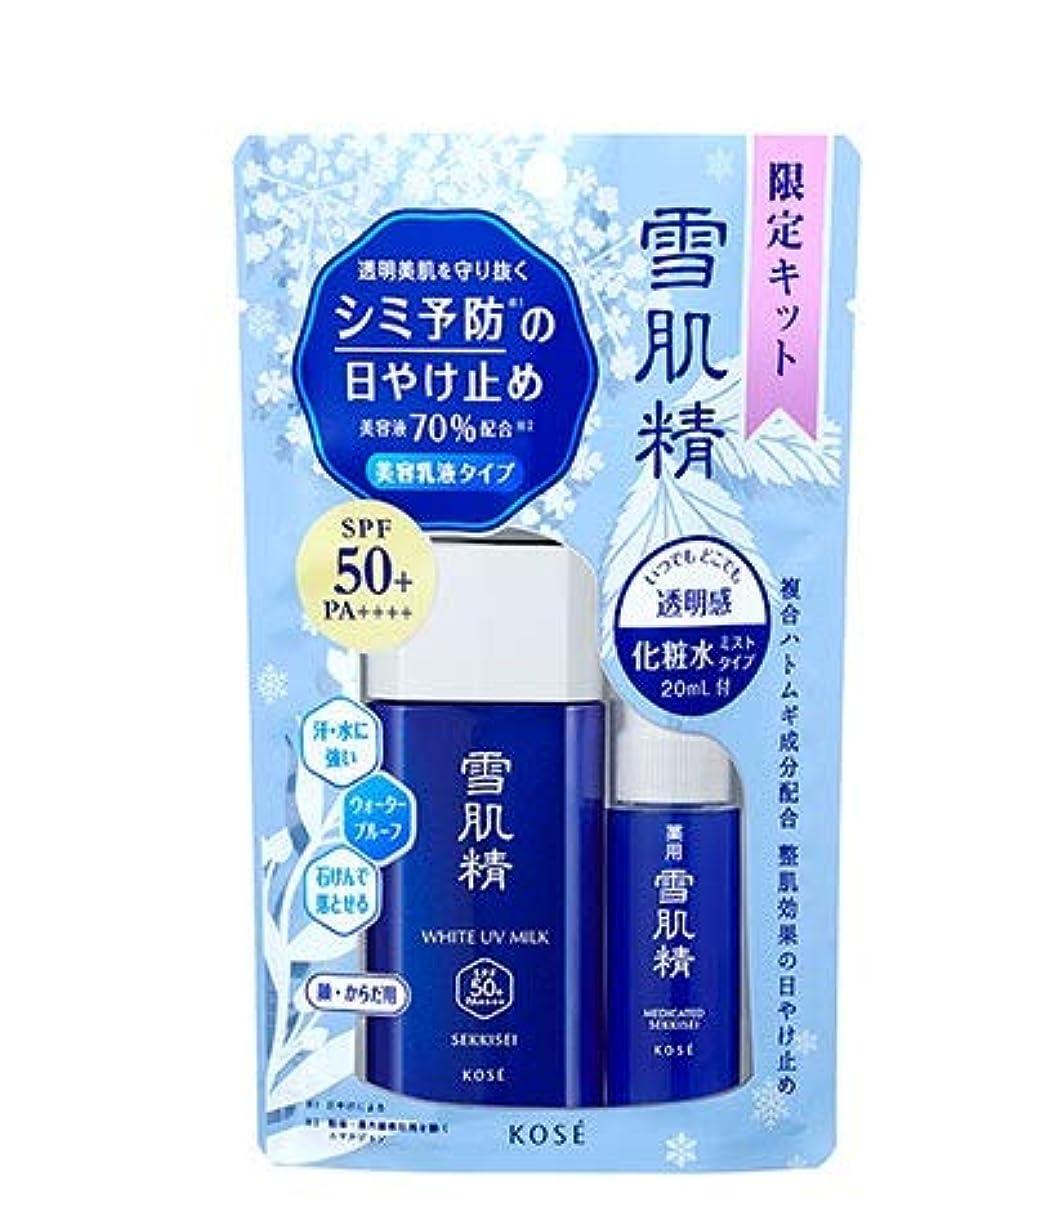 屈辱する原油小康☆限定品☆ コーセー KOSE 雪肌精 ホワイト UV ミルク キット